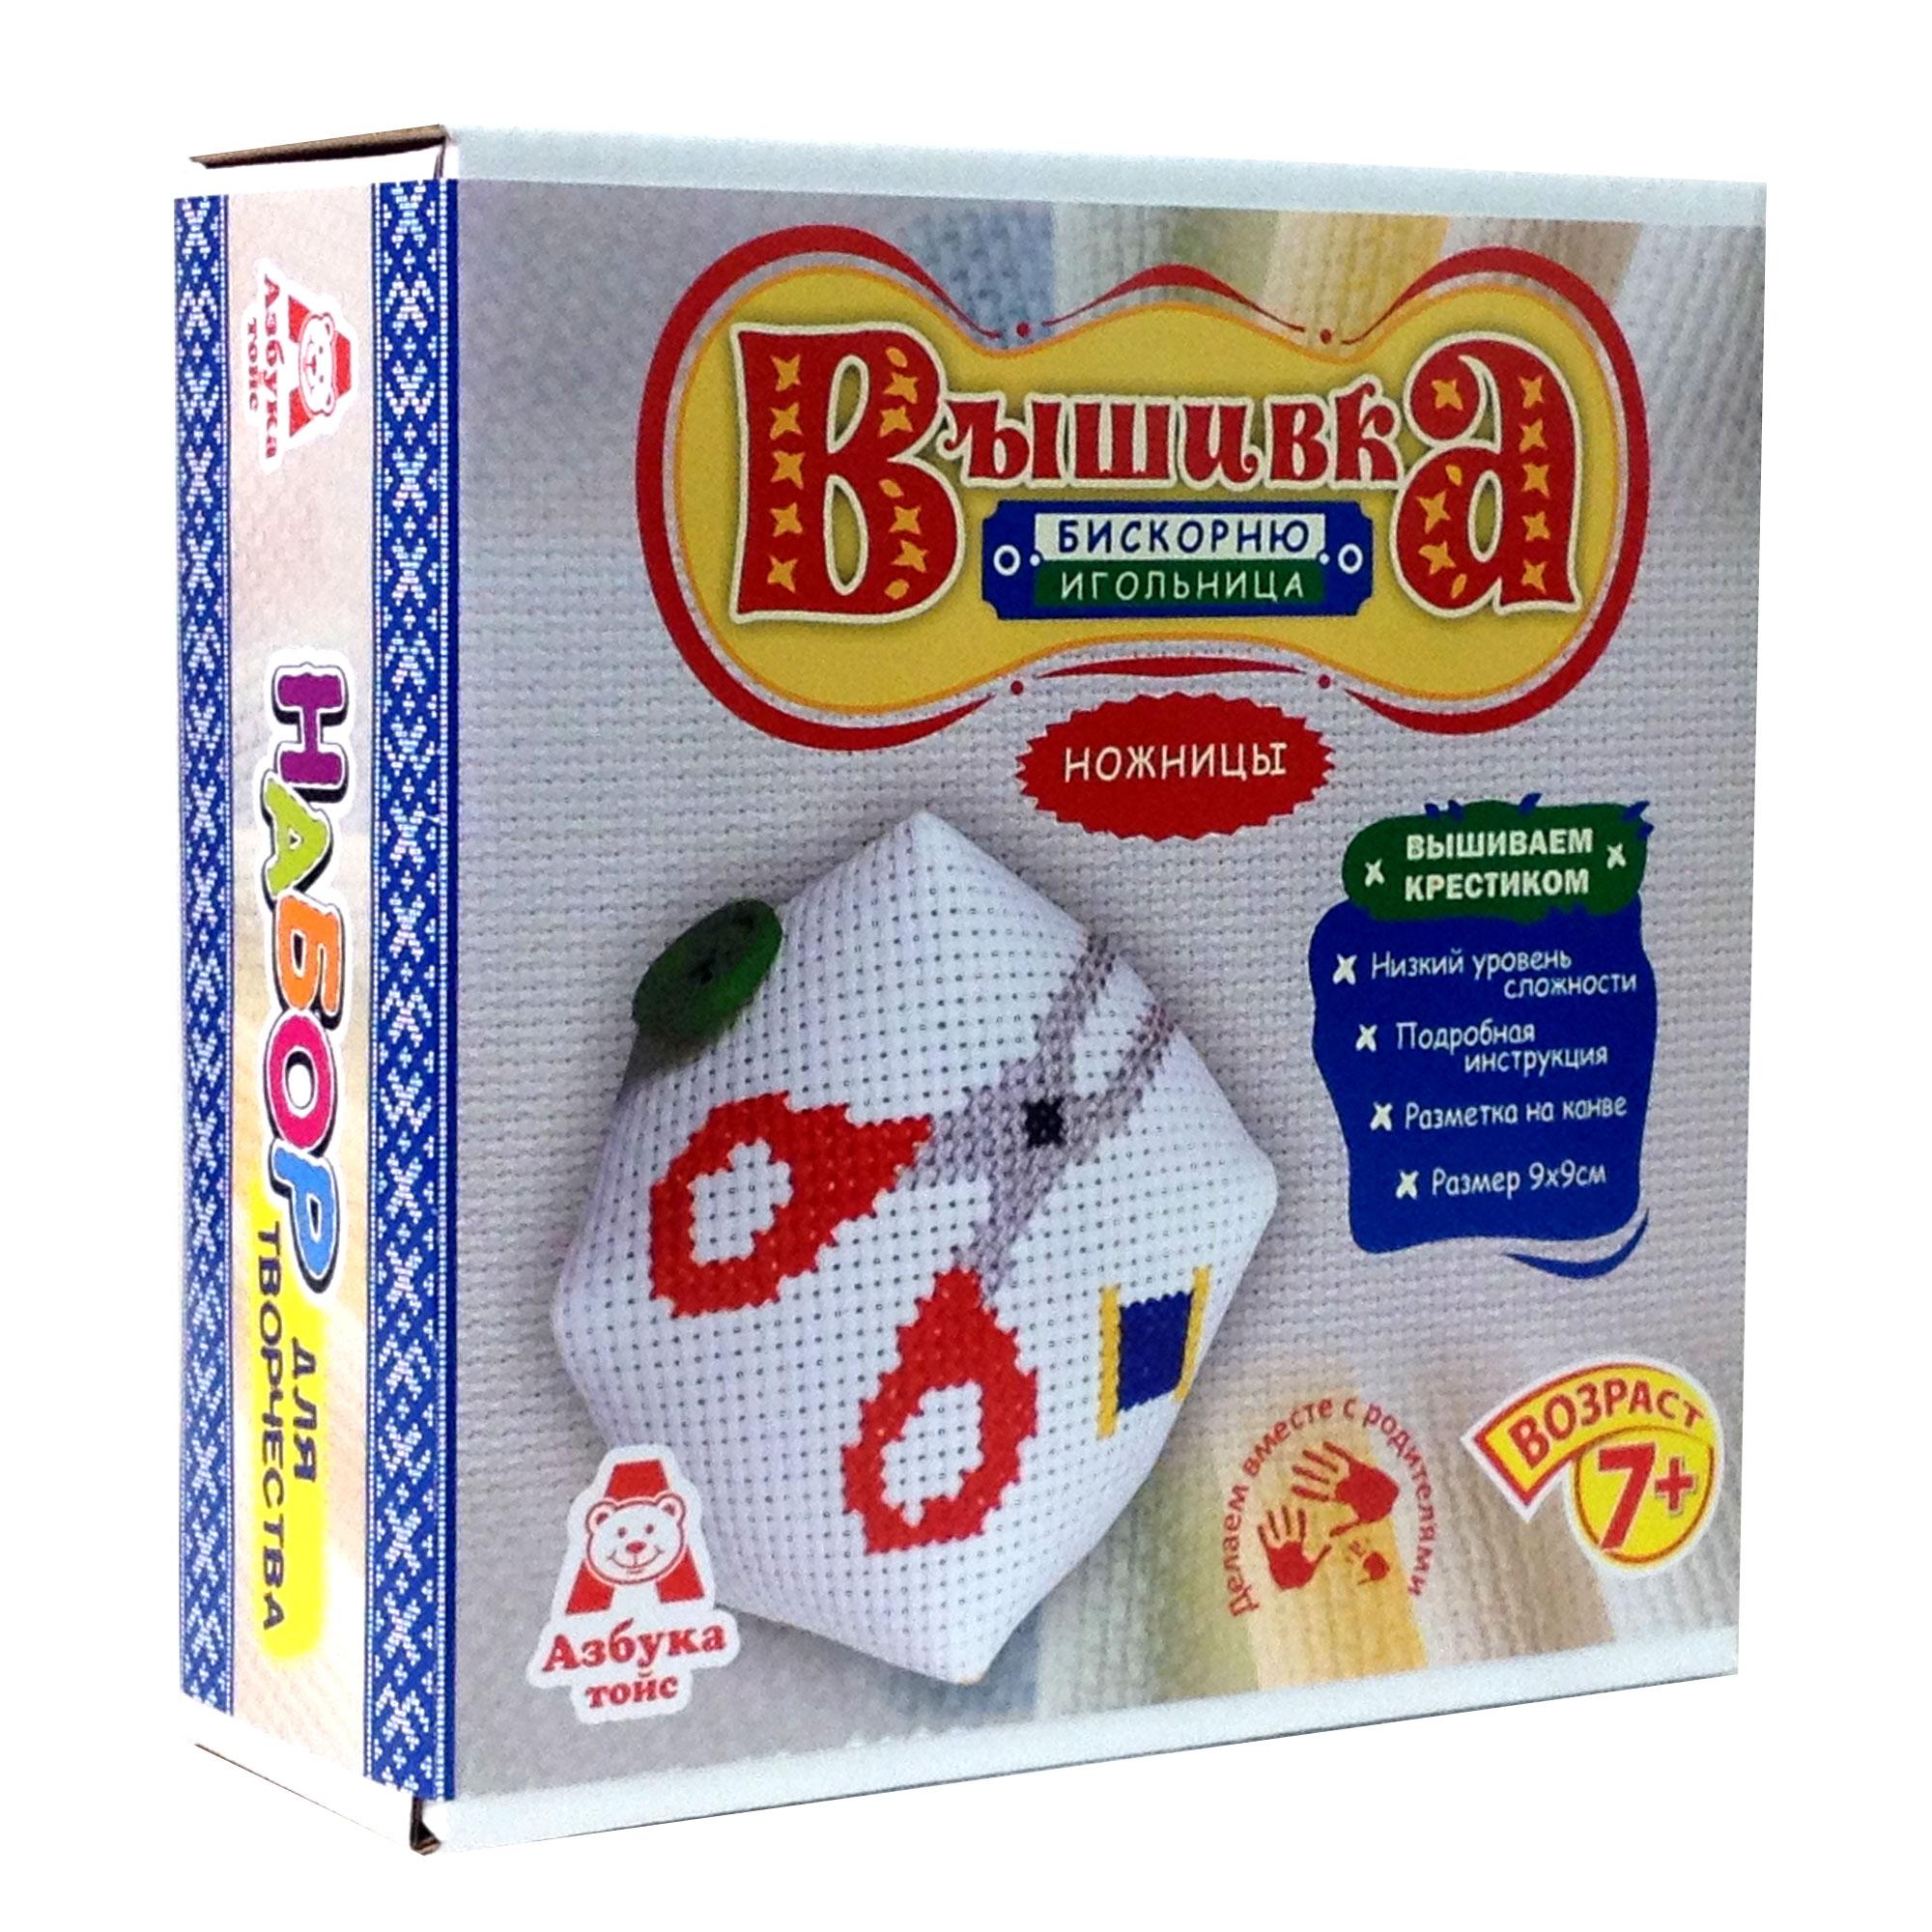 Для шитья вязания вышивки